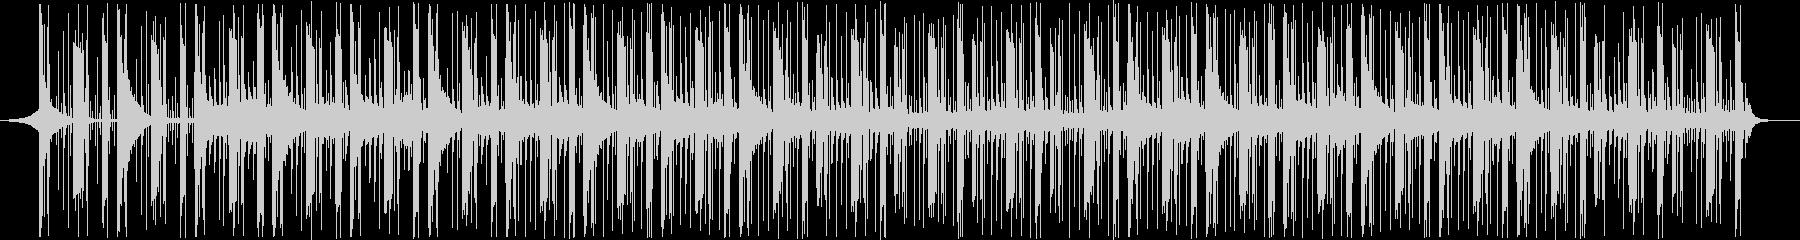 情報処理BGMの未再生の波形